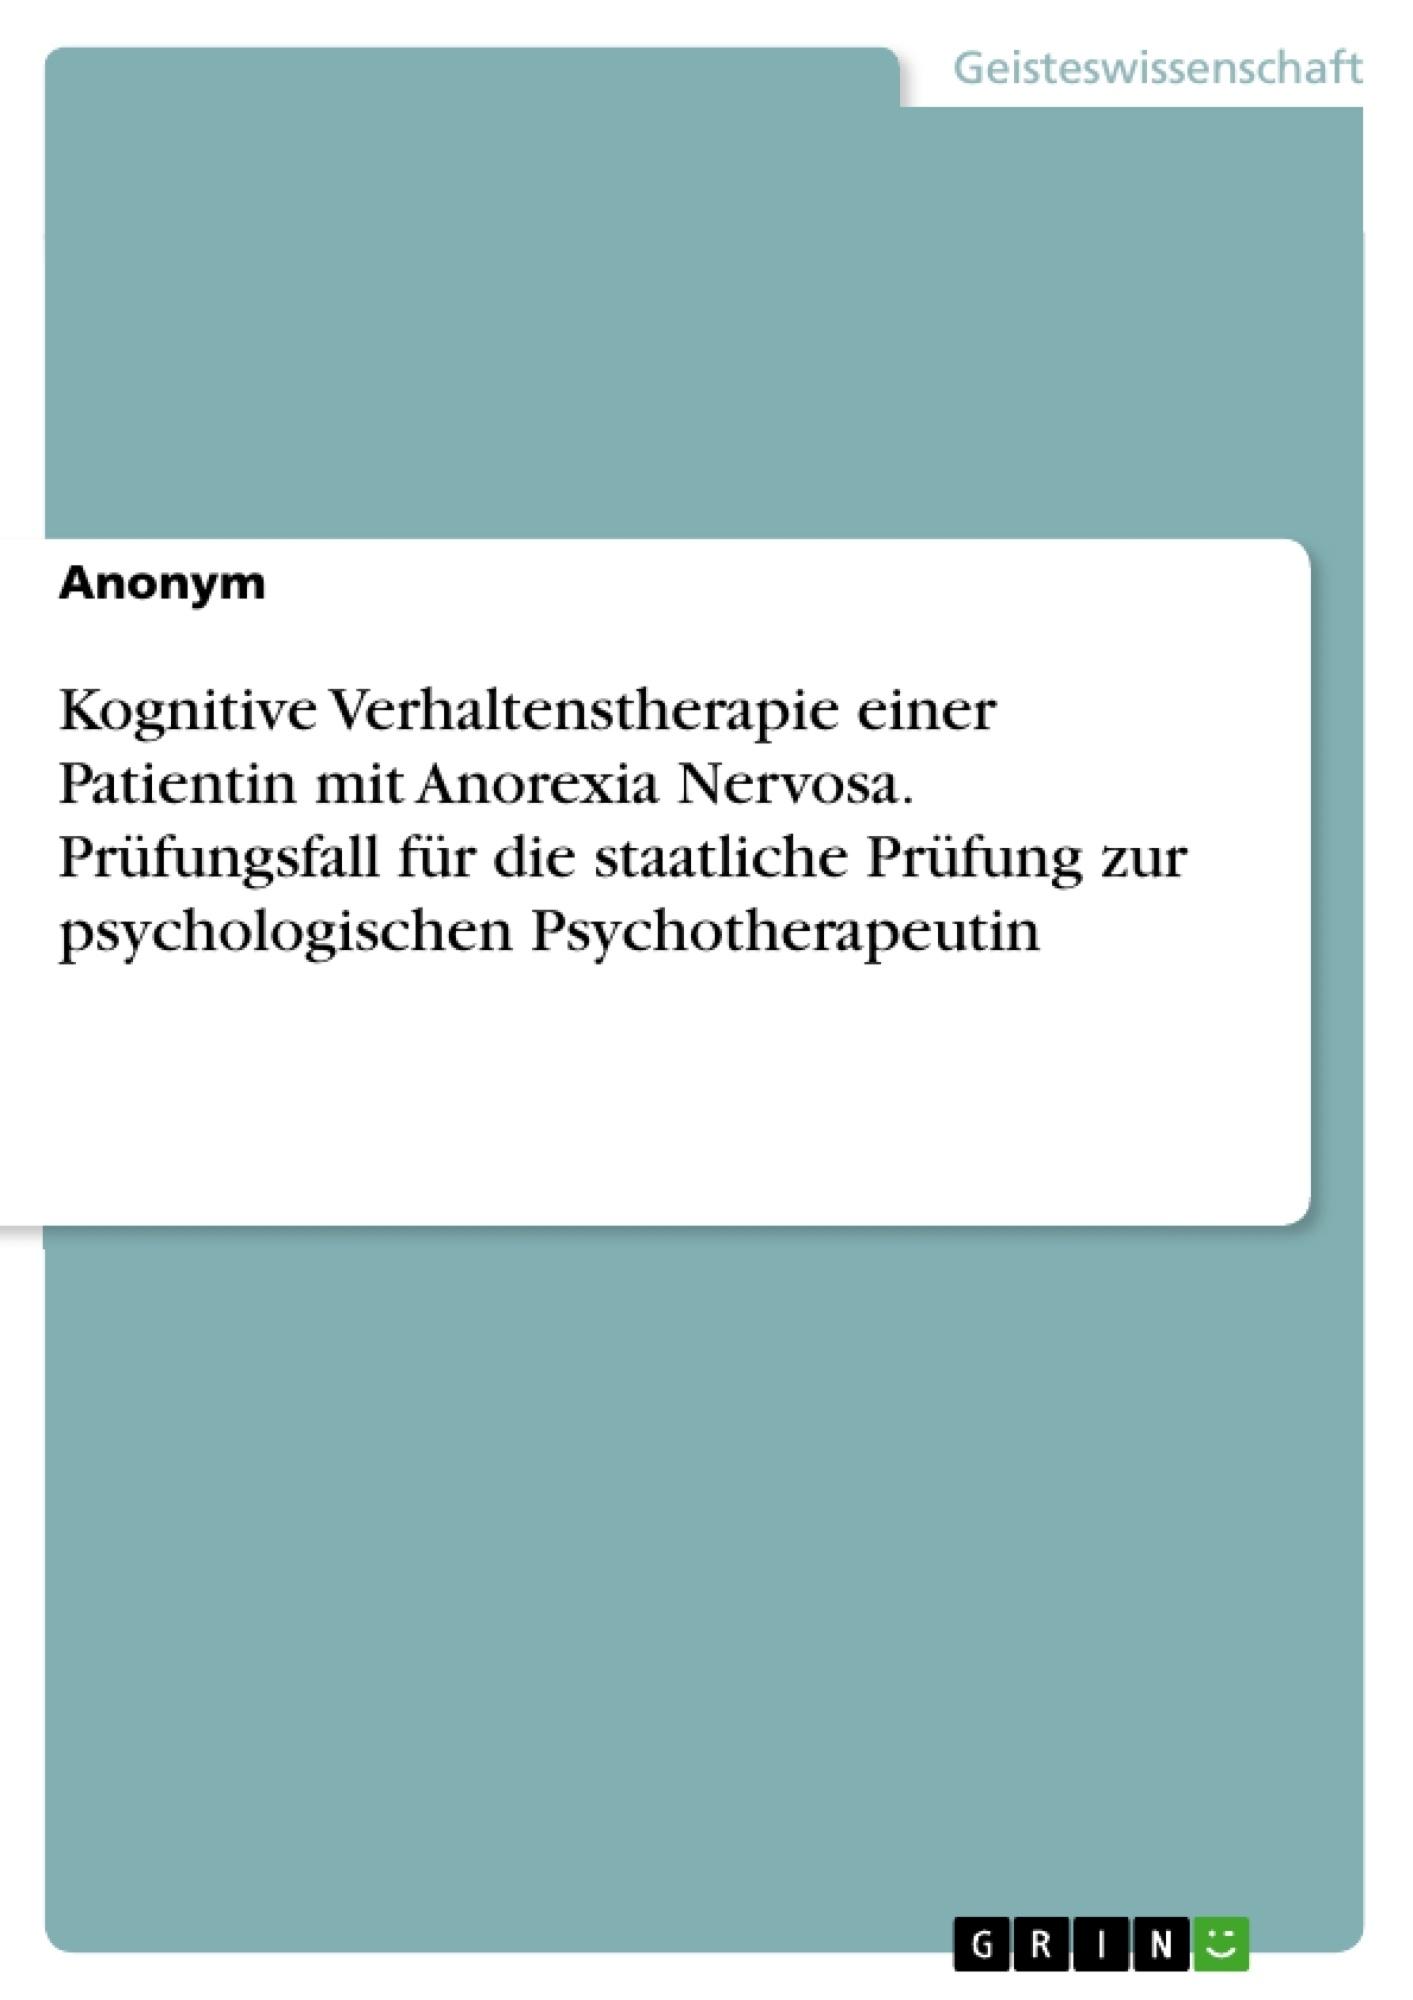 Titel: Kognitive Verhaltenstherapie einer Patientin mit Anorexia Nervosa. Prüfungsfall für die staatliche Prüfung zur psychologischen Psychotherapeutin